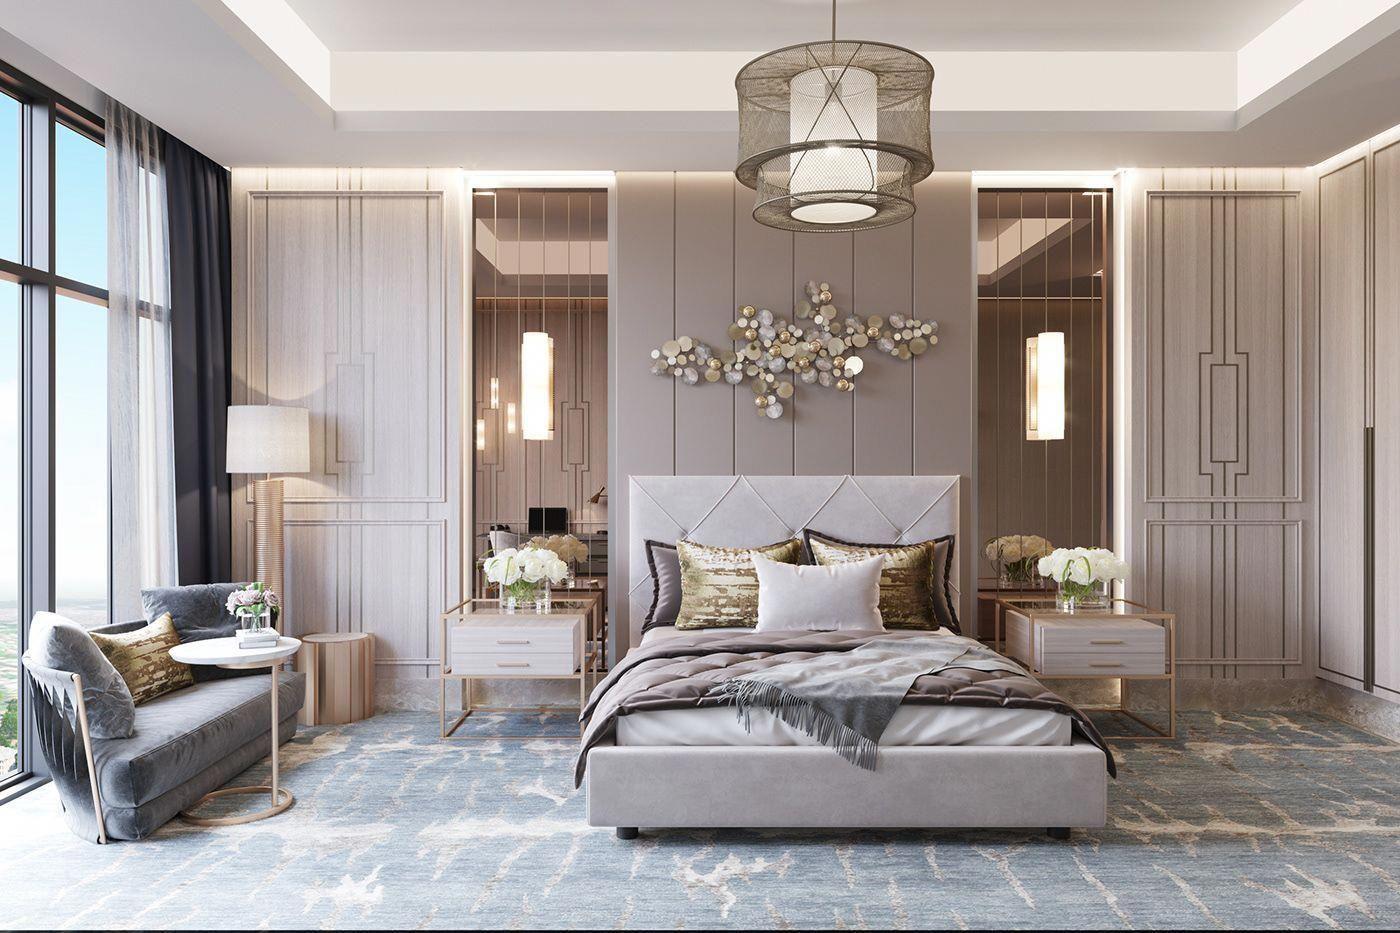 bedroom decor kenya #bedroom decor help #bedroom decor style quiz